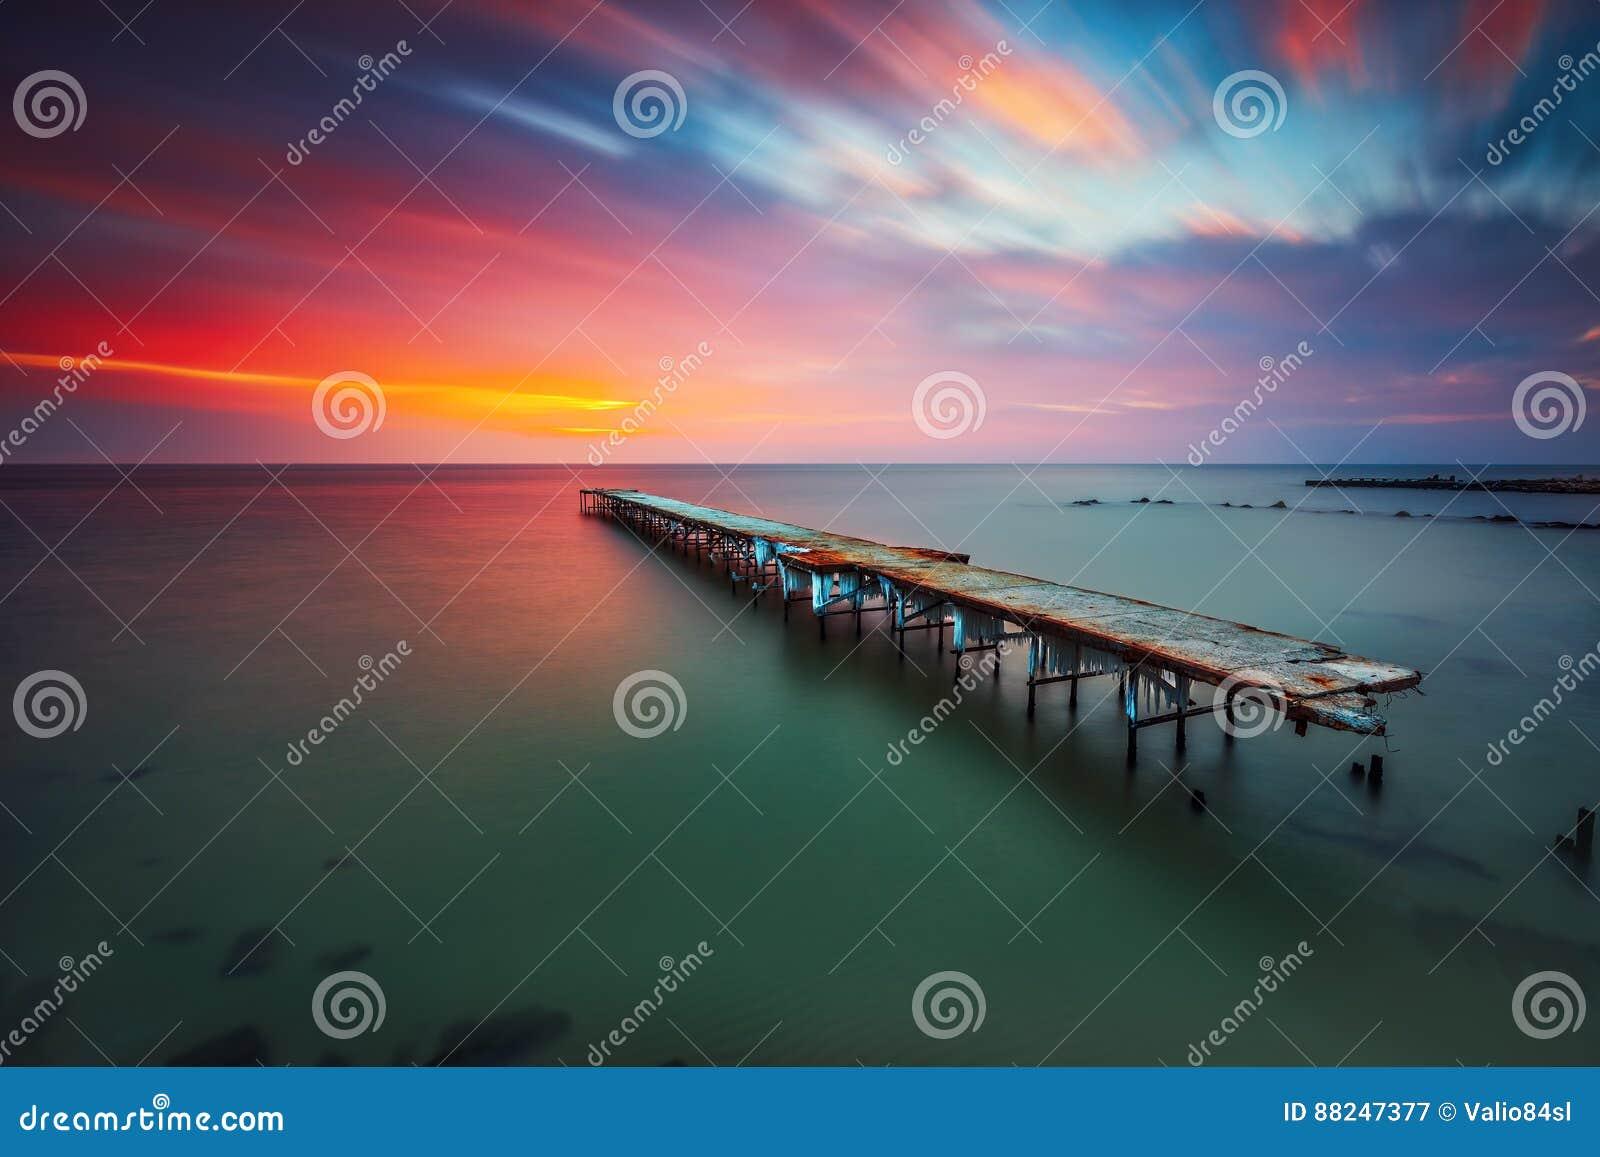 Old broken bridge in the sea, long exposure